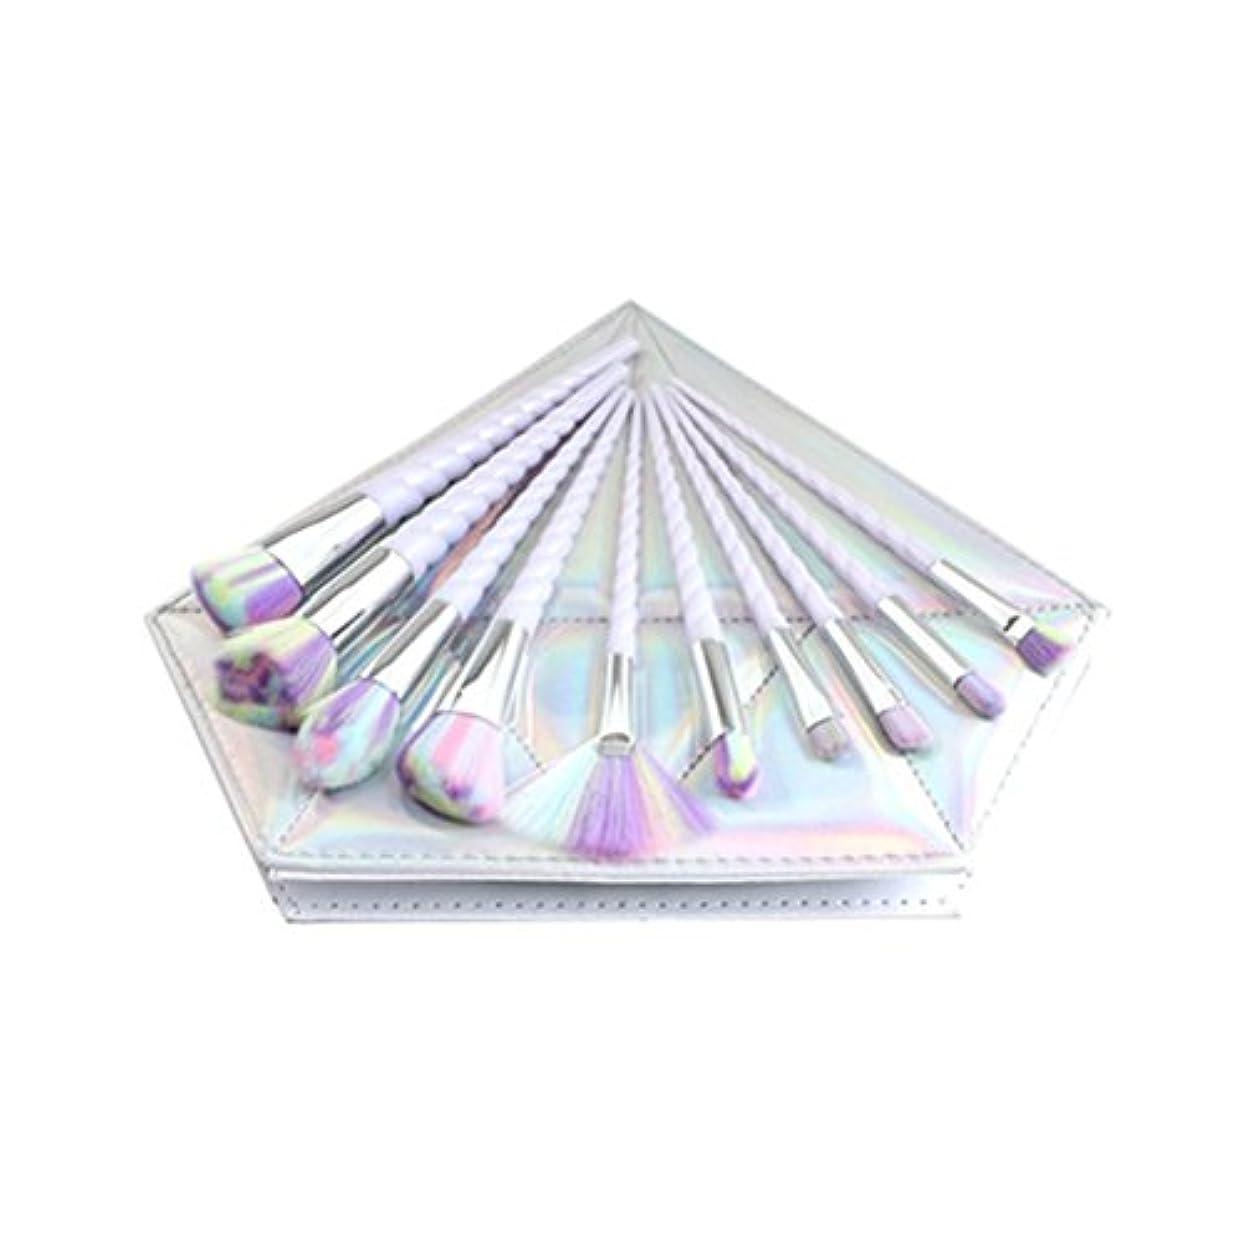 移行するメッセージ甘味Dilla Beauty 10本セットユニコーンデザインプラスチックハンドル形状メイクブラシセット合成毛ファンデーションブラシアイシャドーブラッシャー美容ツール美しい化粧品のバッグを送る (白いハンドル - 多色の毛)